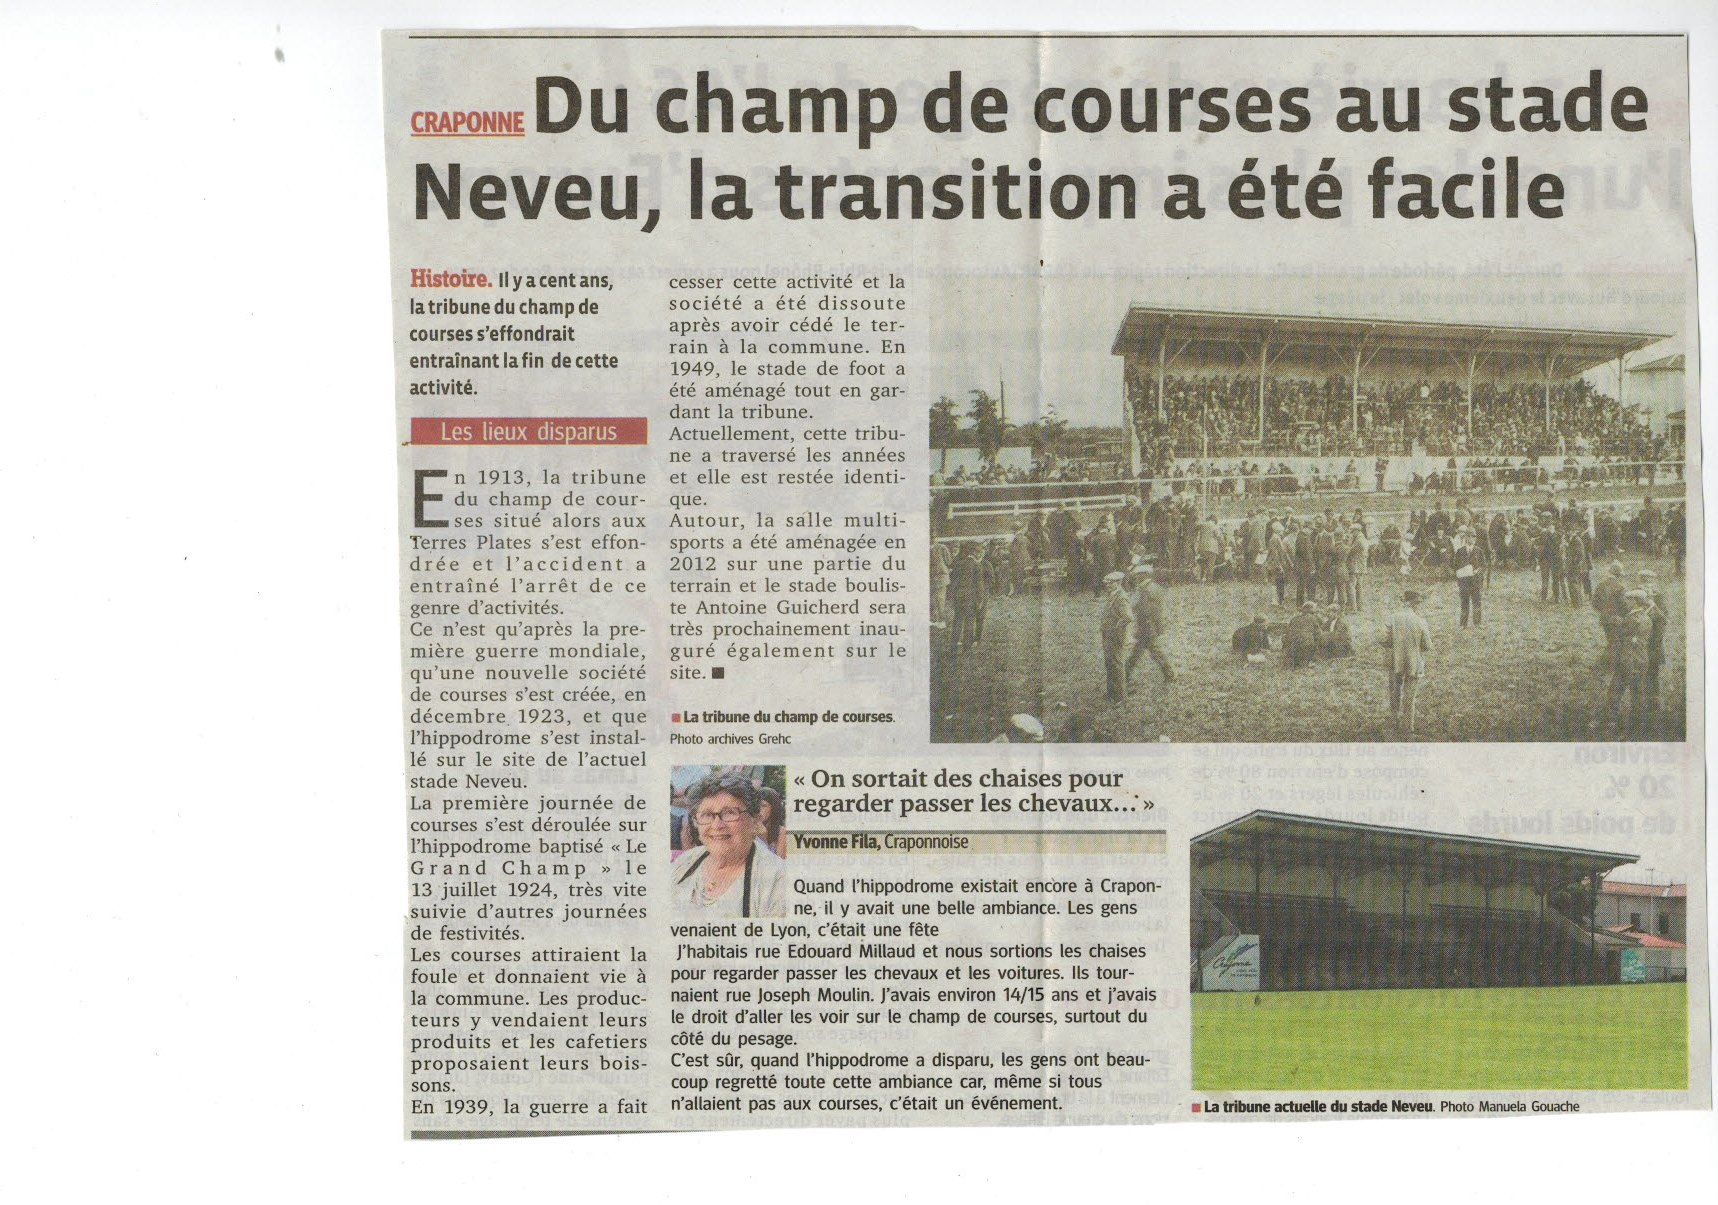 Histoire du stade Neveu